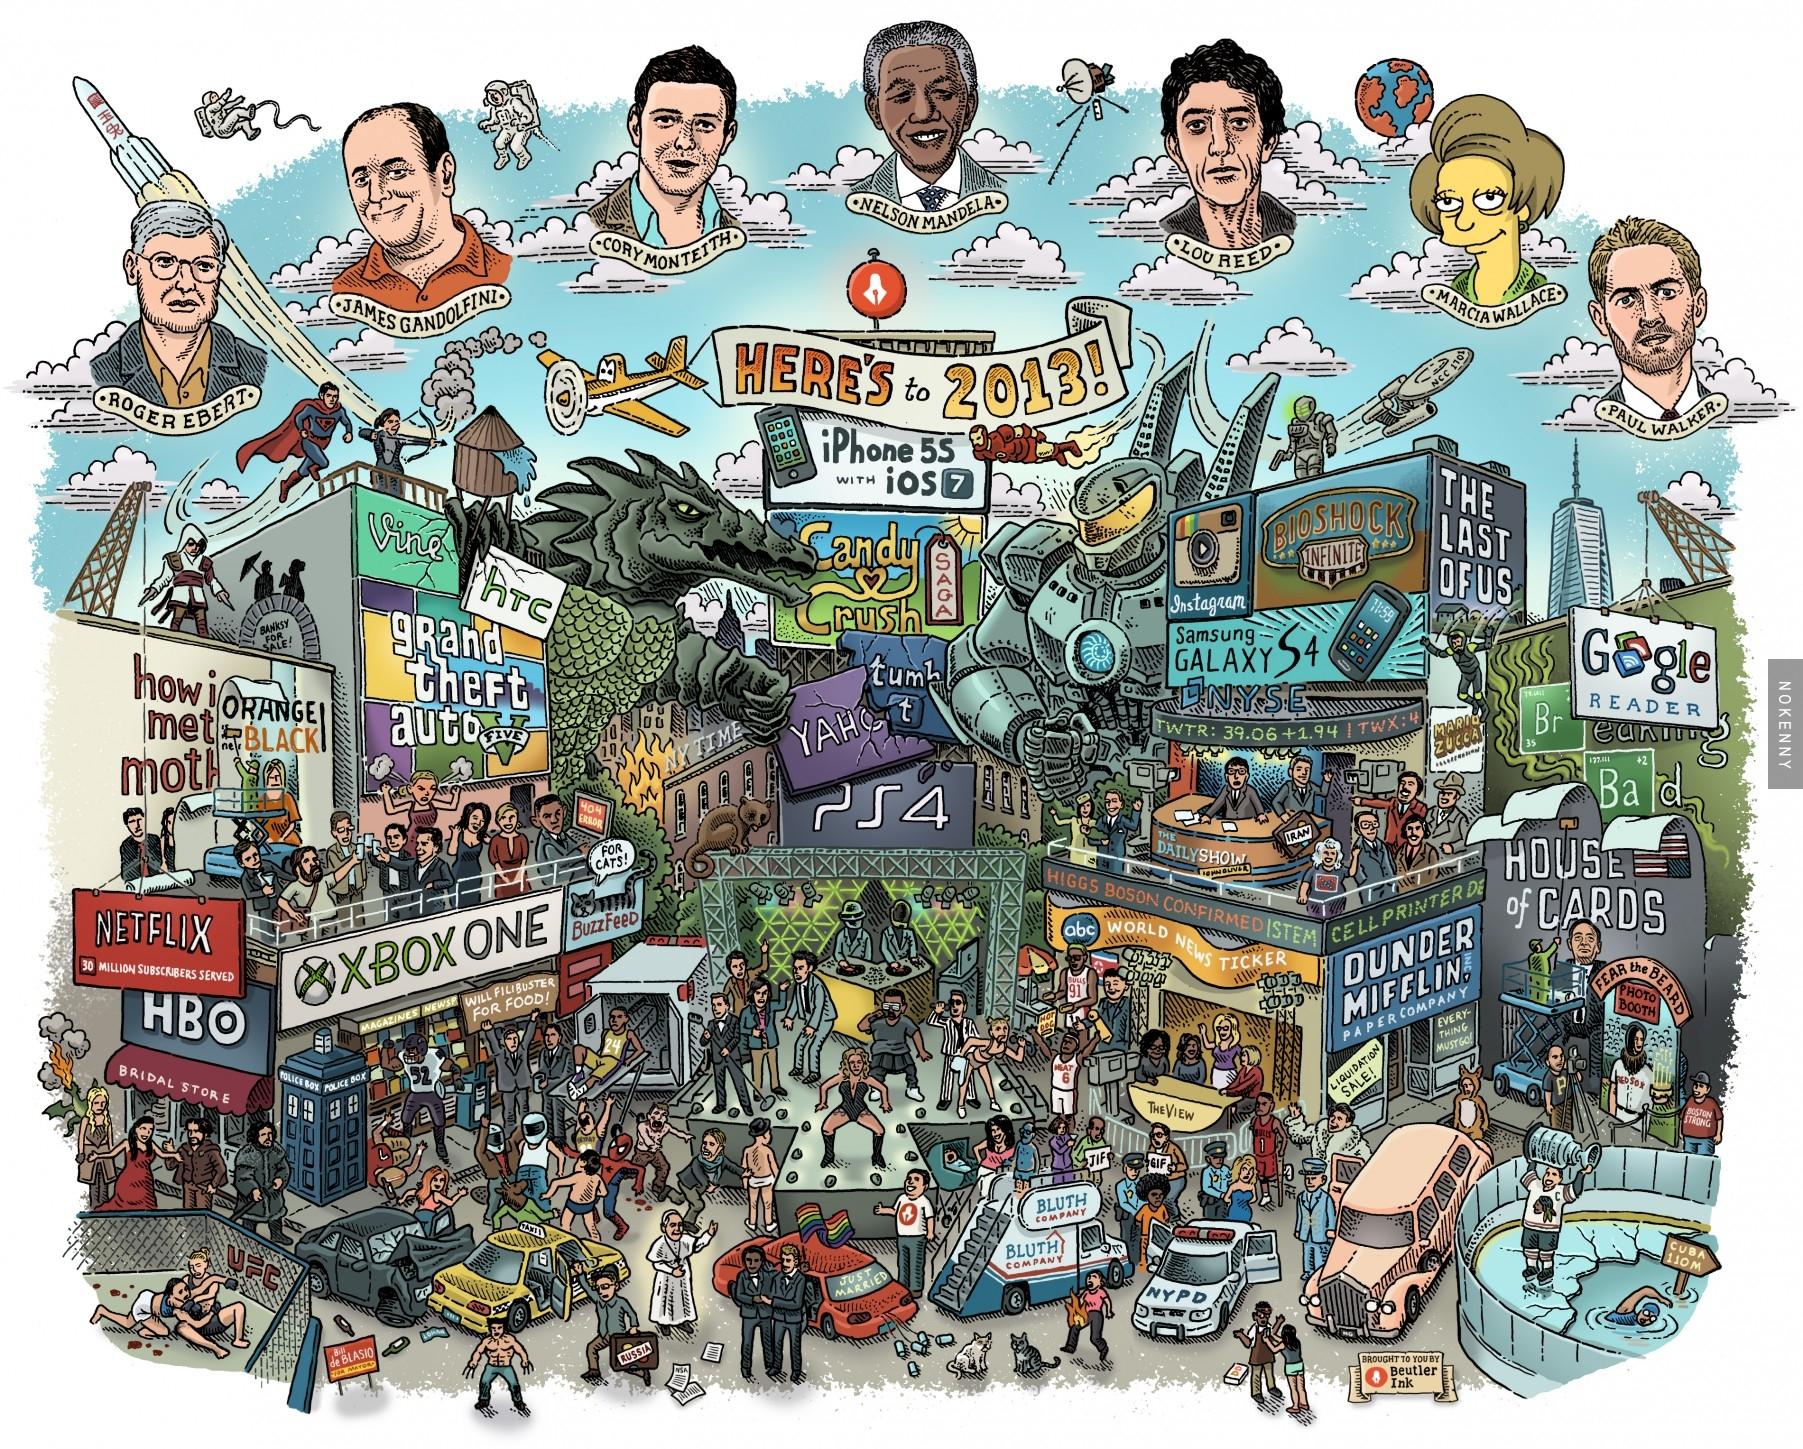 Image L'année 2013 en une image